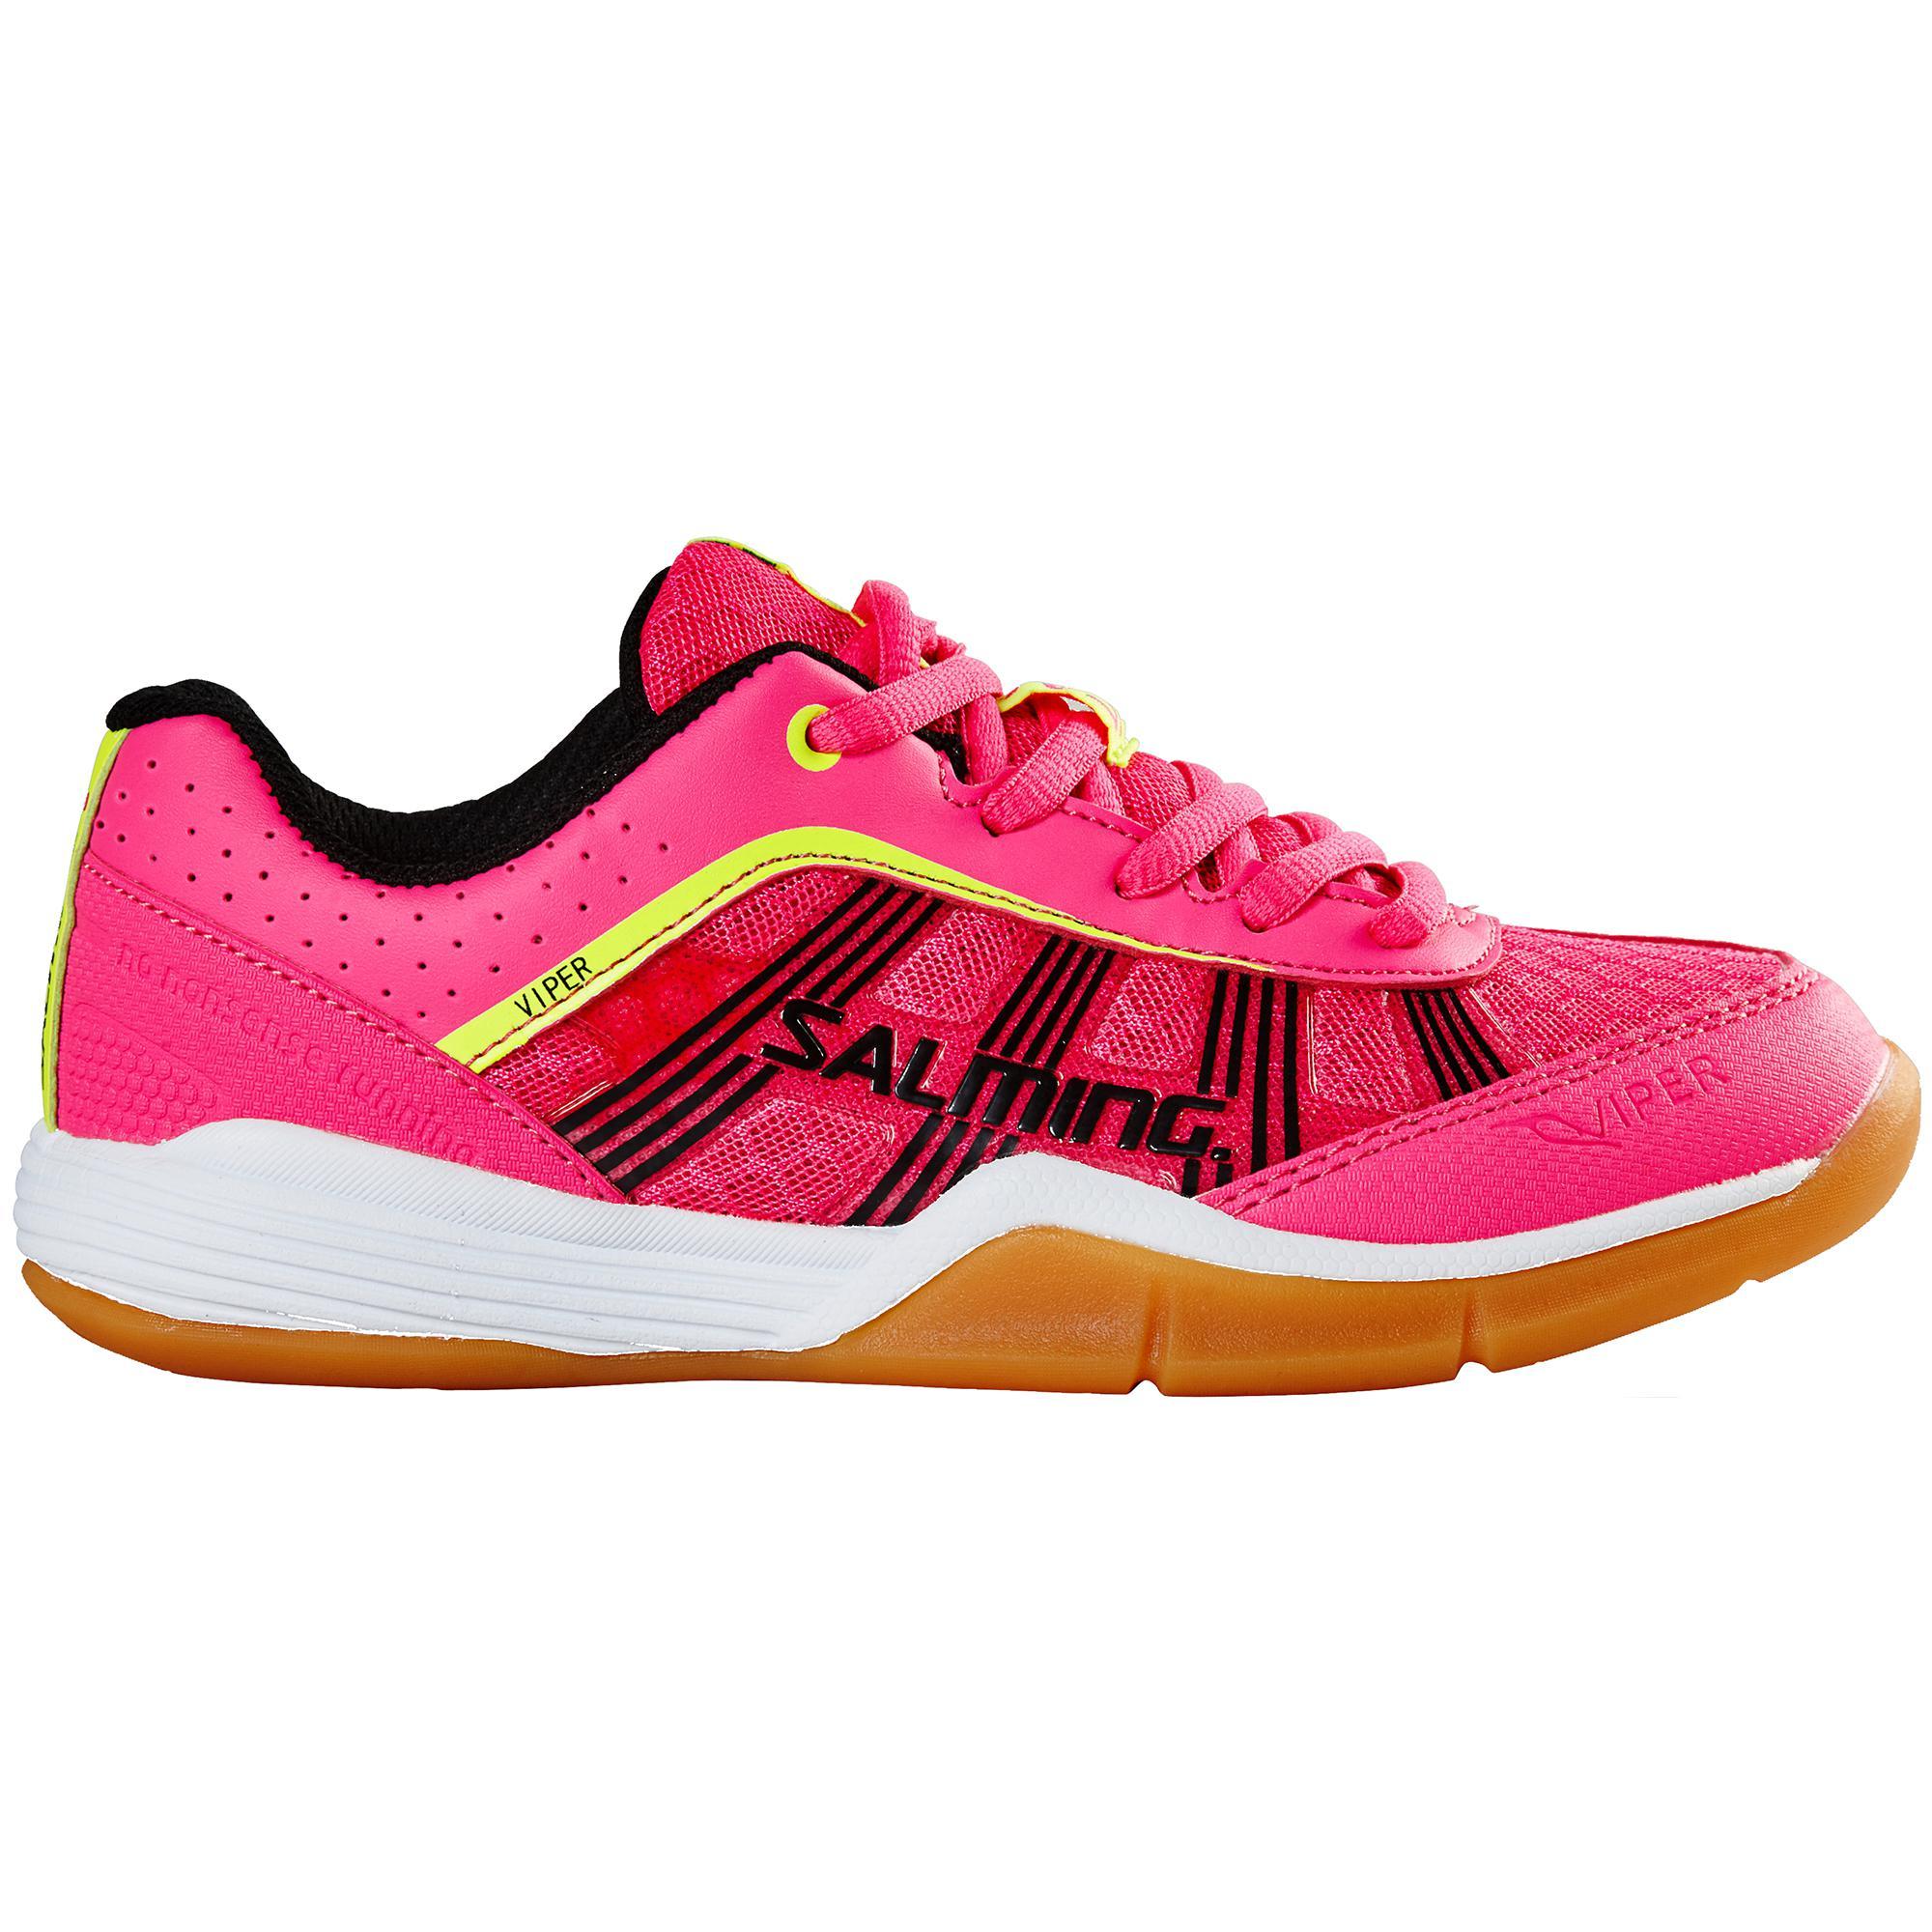 Salming Kids Viper 3.0 Indoor Junior Court Shoes - Pink Glow -  Tennisnuts.com